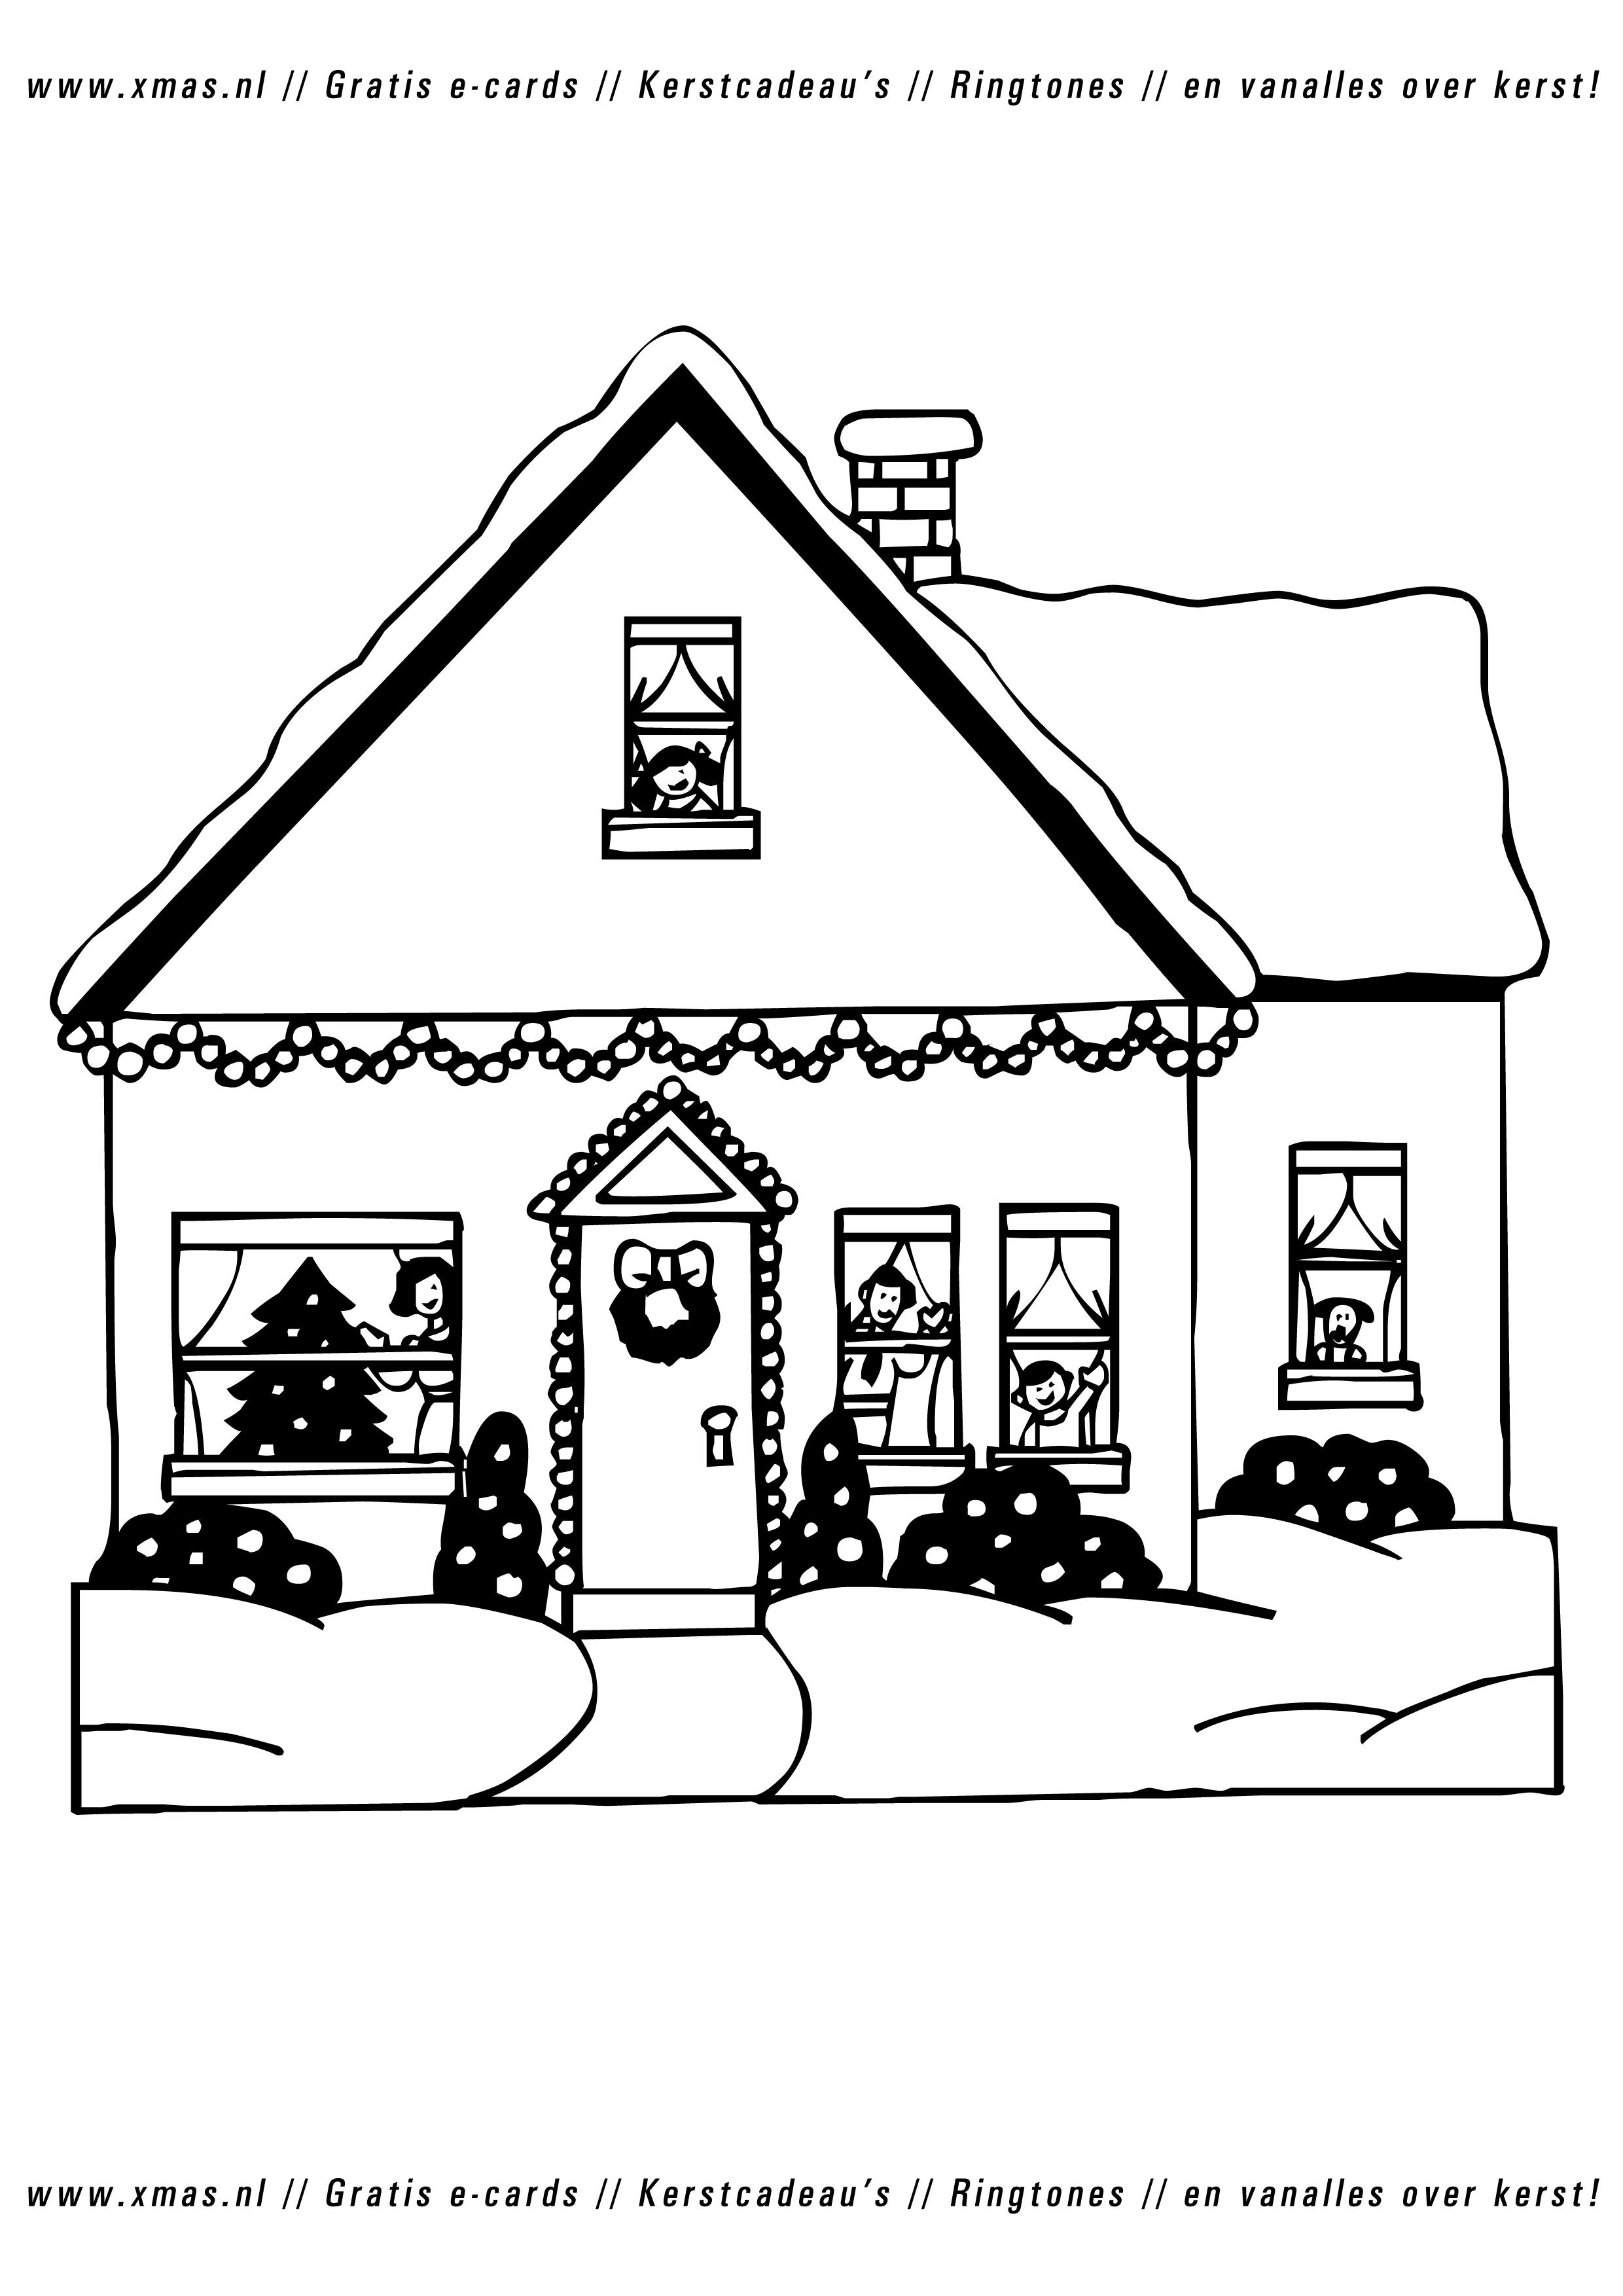 Kleurplaten Kerstmis Afdrukken.Xmas Nl Kerstmis Gratis Kerstkaarten Kerstevenementen